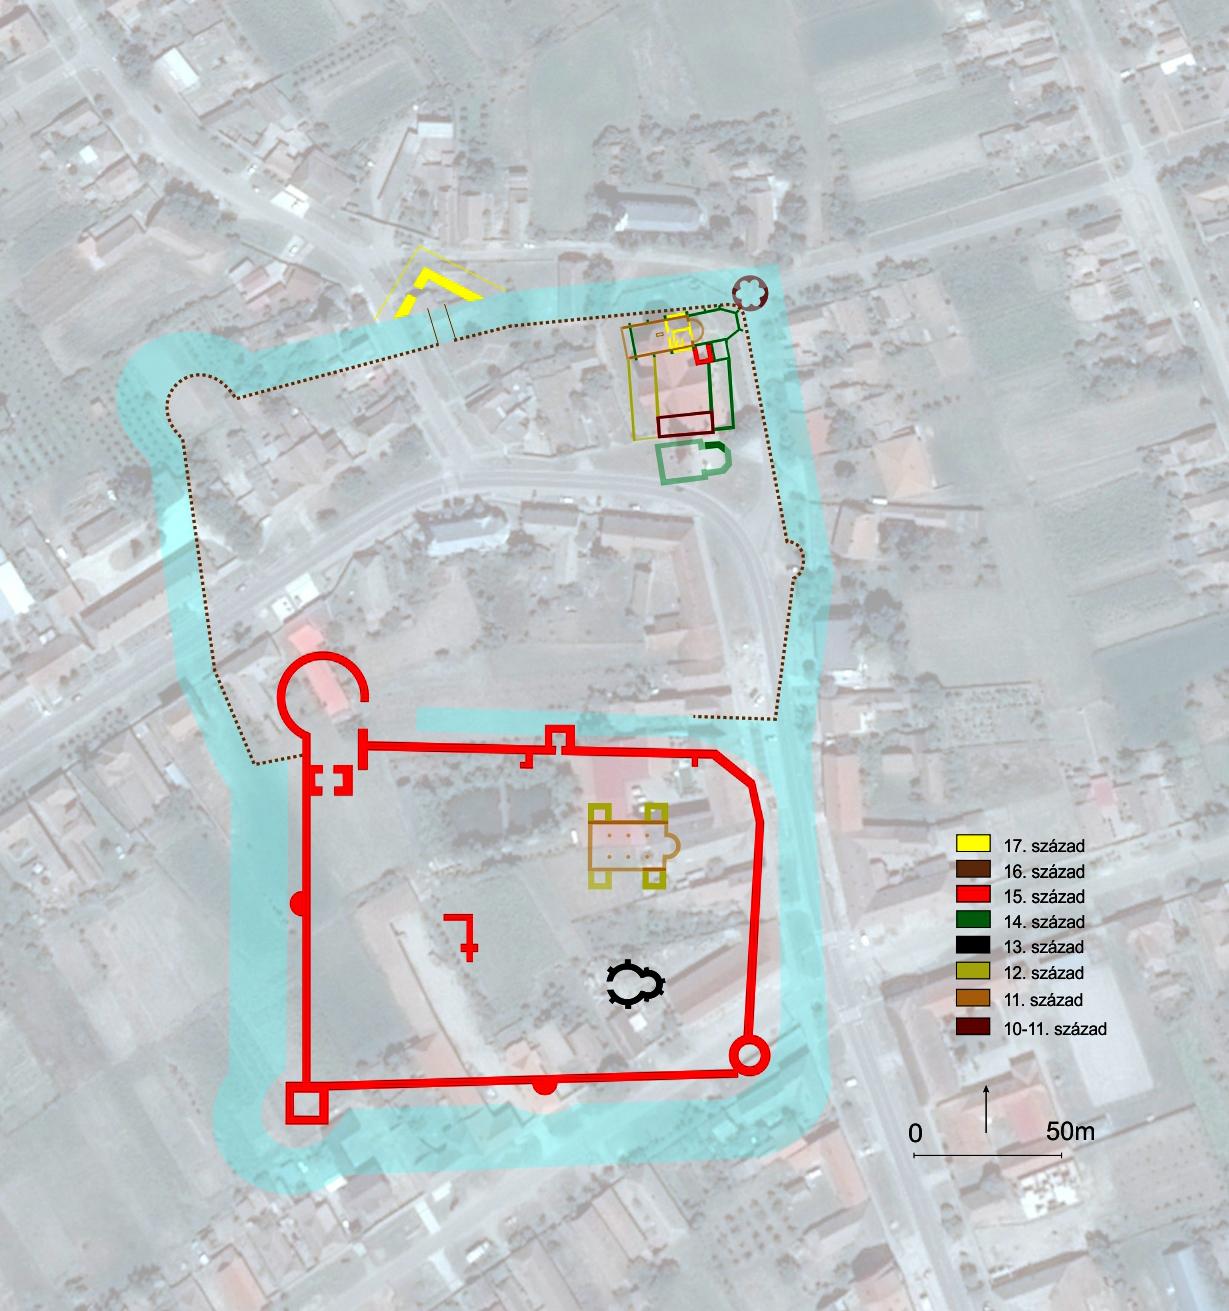 A csanádi vár és templomok elhelyezkedésének rekonstrukciója (Buzás Gergely)